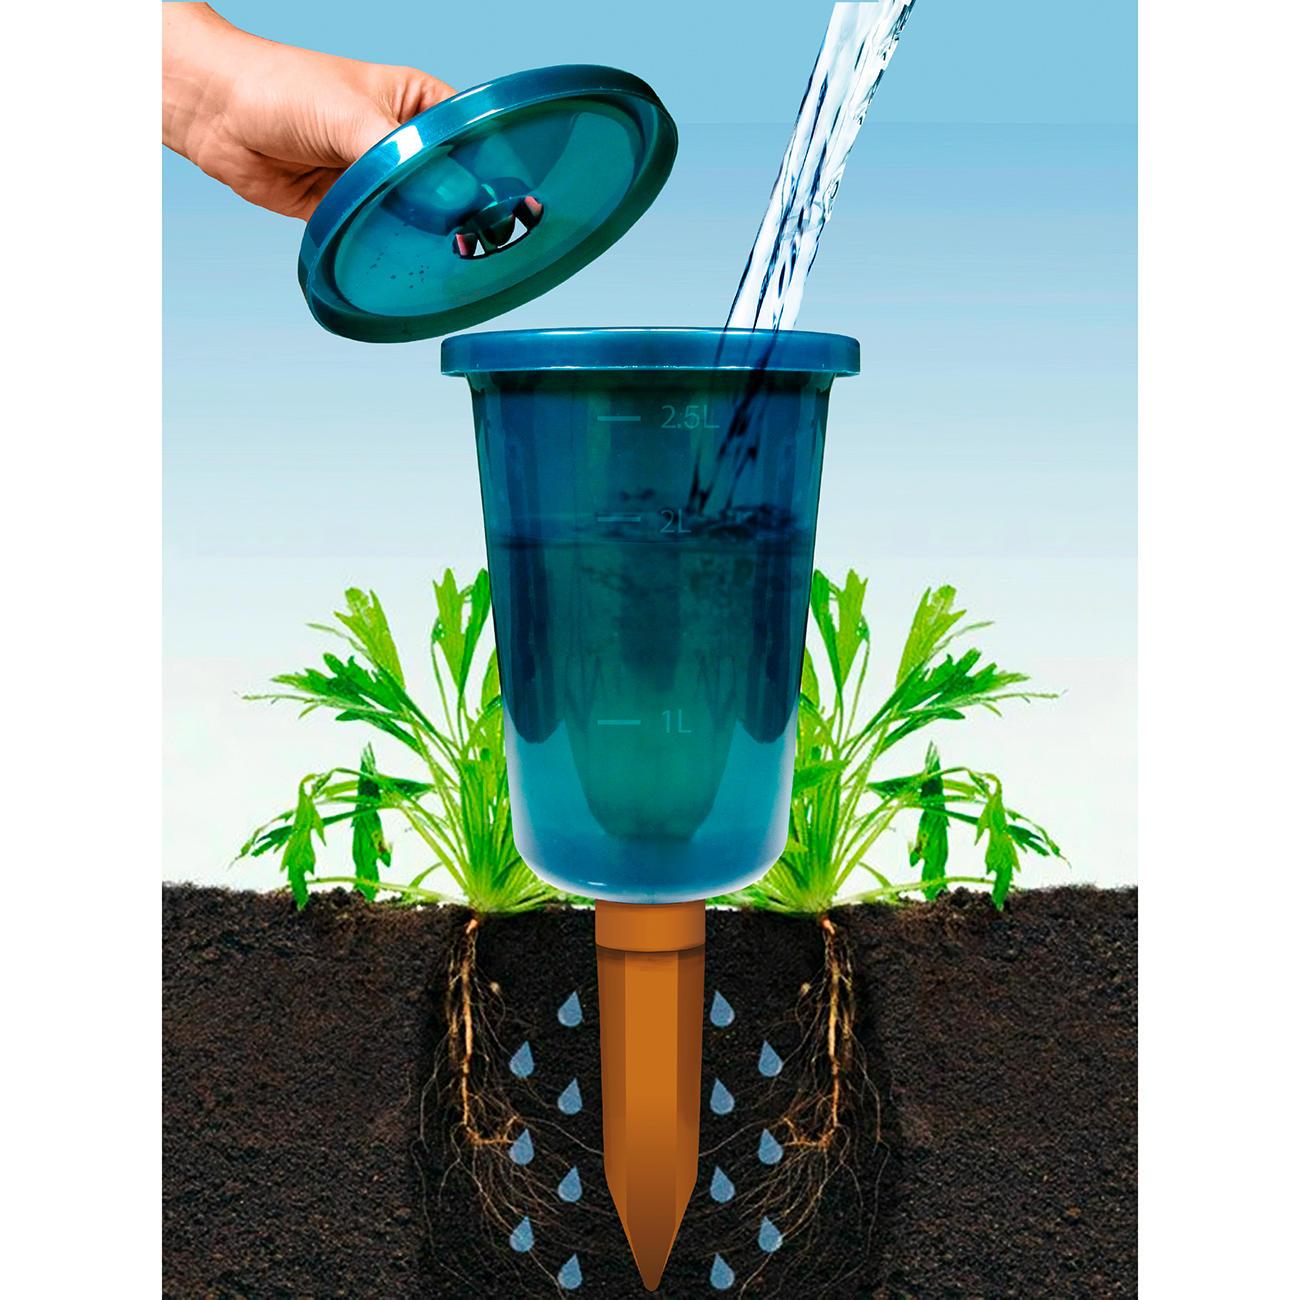 Bio Green GmbH & Co. KG Hydro Cup Bewässerungshilfe, 4er-Set, Pflanzen-Bewässerungssystem, semitransparenten Kunststoffbehälter, blau/grün, BioGreen :: Blau/Grün -  -  - Erwachsene